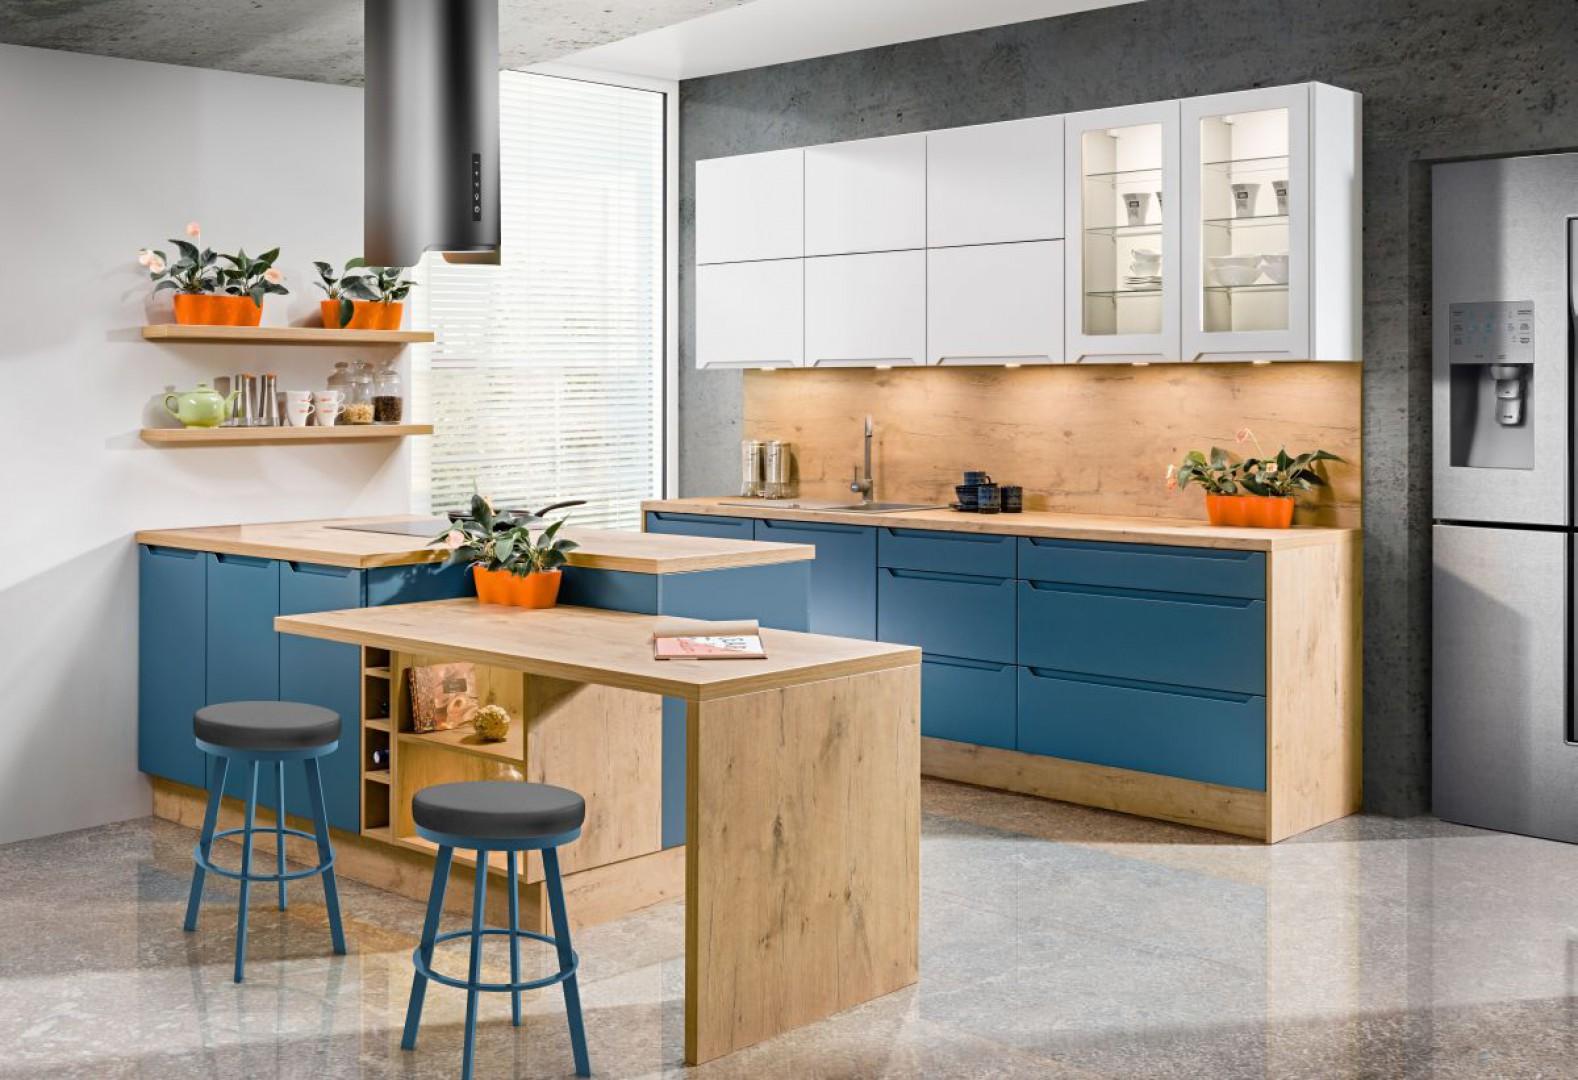 Dzięki niebieskiemu kolorowi drewno stało się bardziej wyraziste. Fot. KAM kuchnie